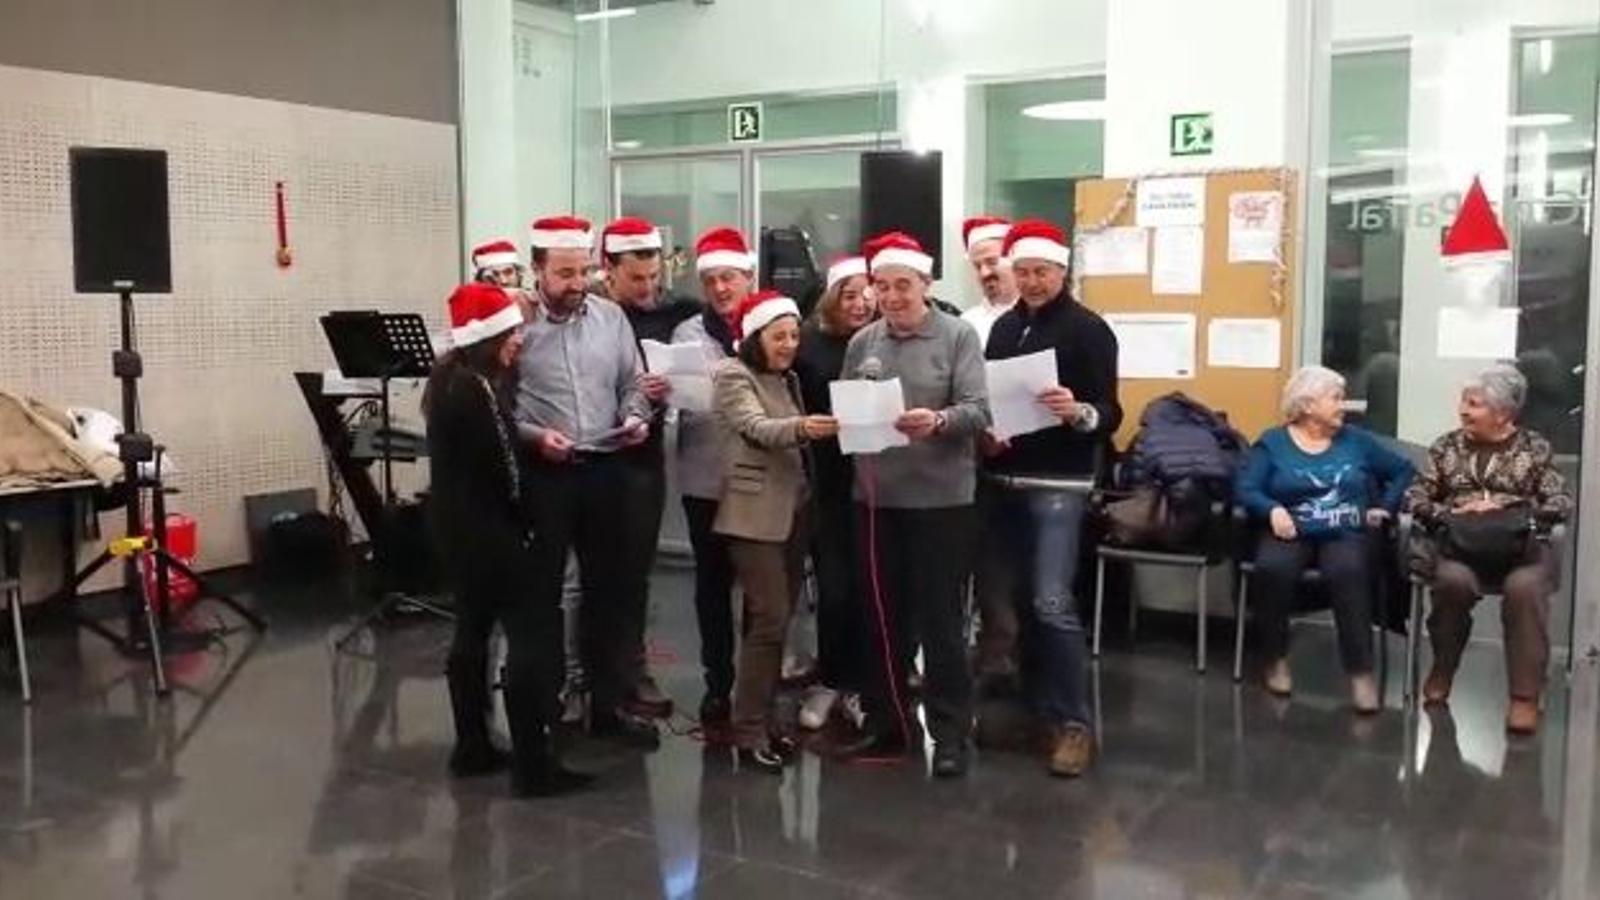 Cd'I + Liberals canten nadales versionades als padrins